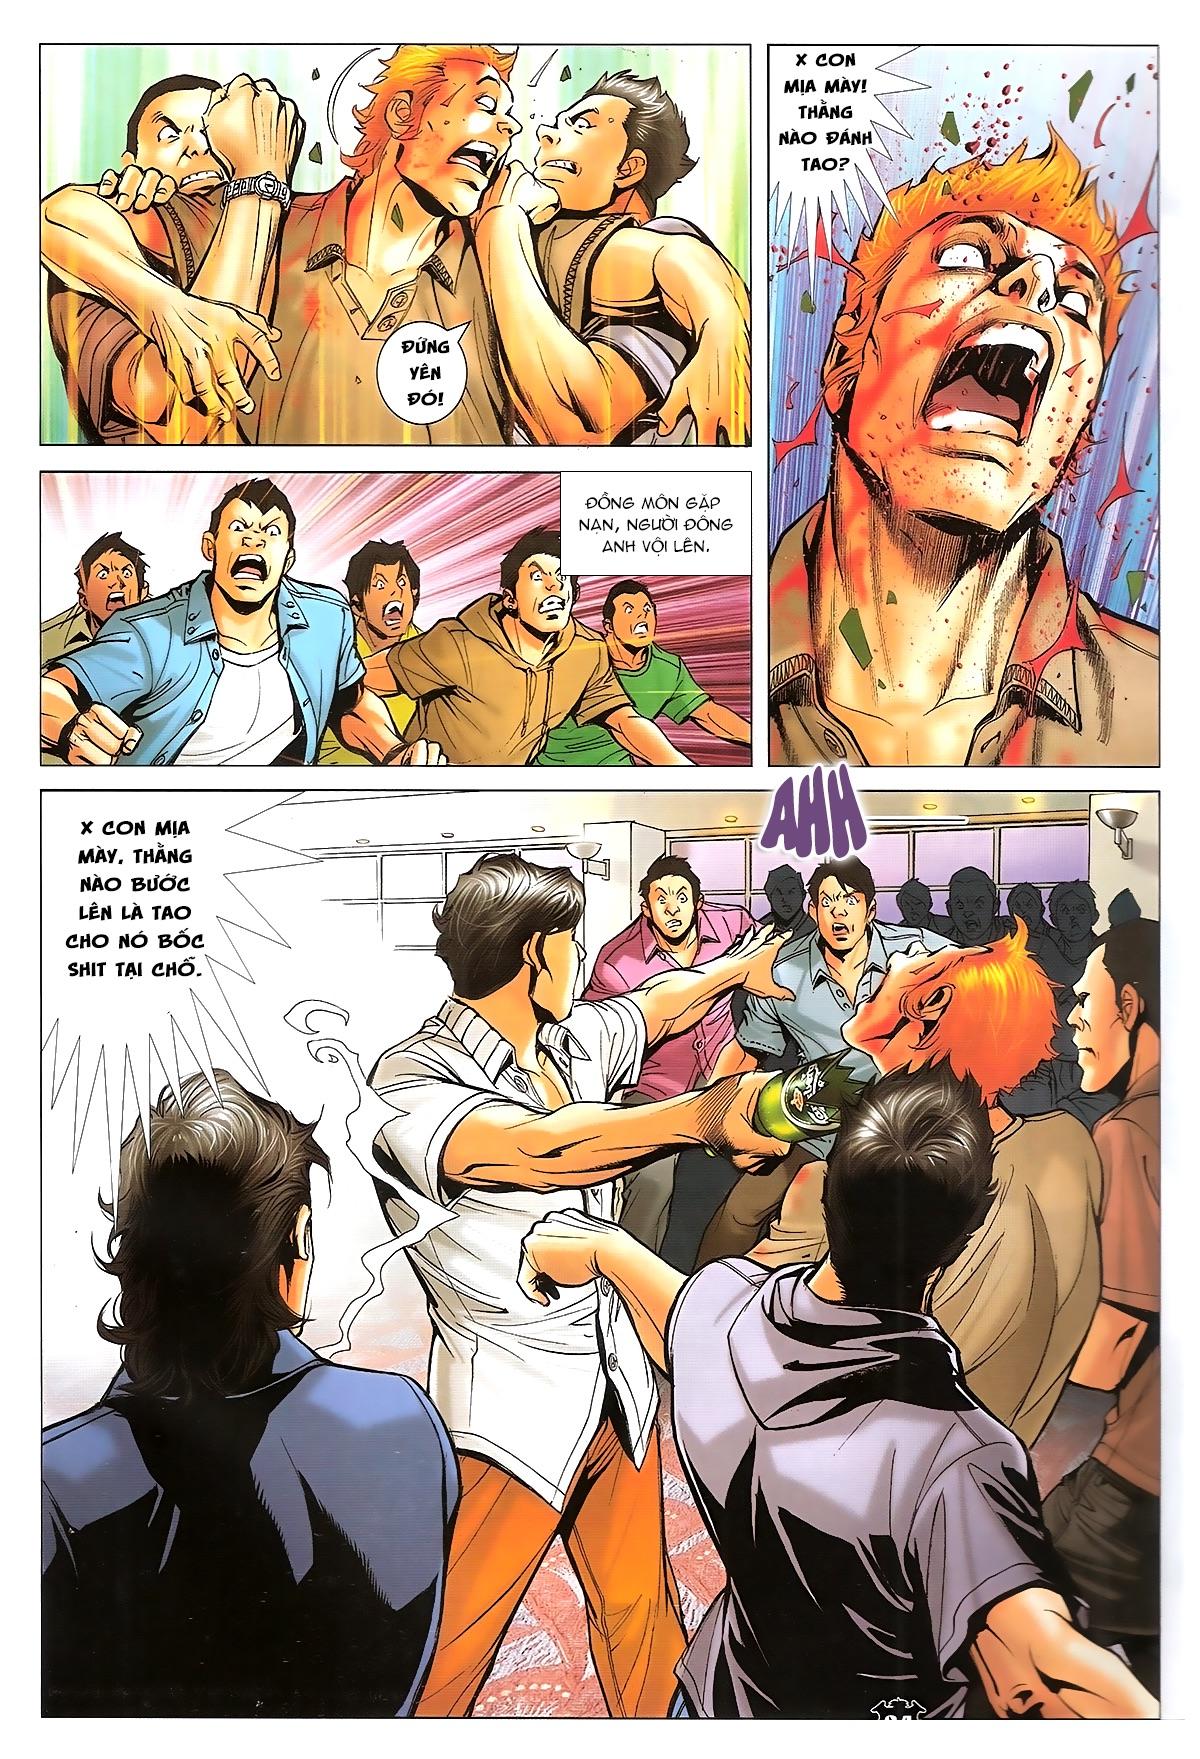 Người Trong Giang Hồ - Ngũ Hổ qui thiên - Chapter 1718: Đàm phán siêu cấp 4 - Pic 20